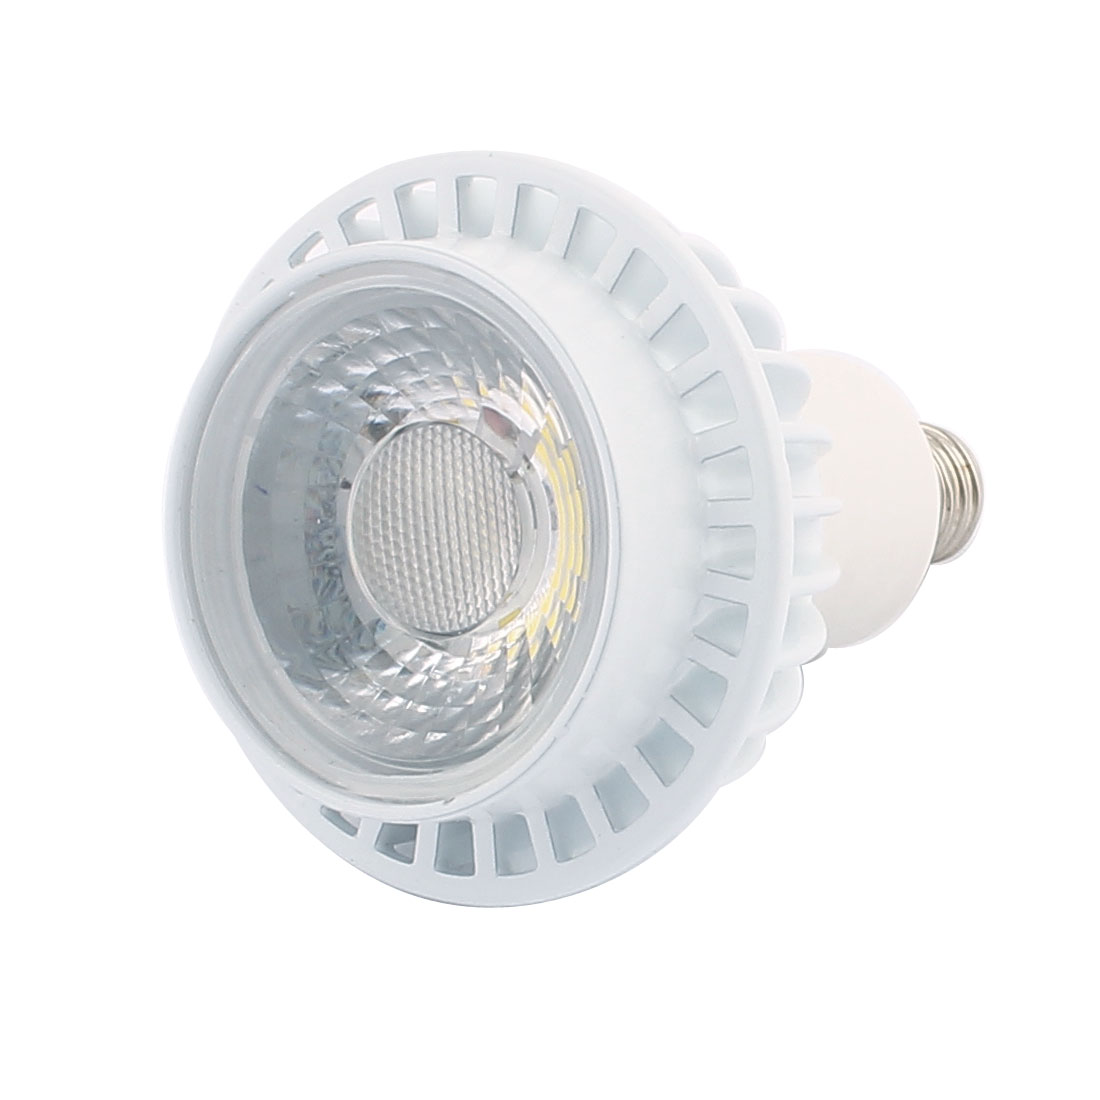 AC85-265V 3W Bright E11 COB LED Spot Down Light Lamp Energy Saving Pure White